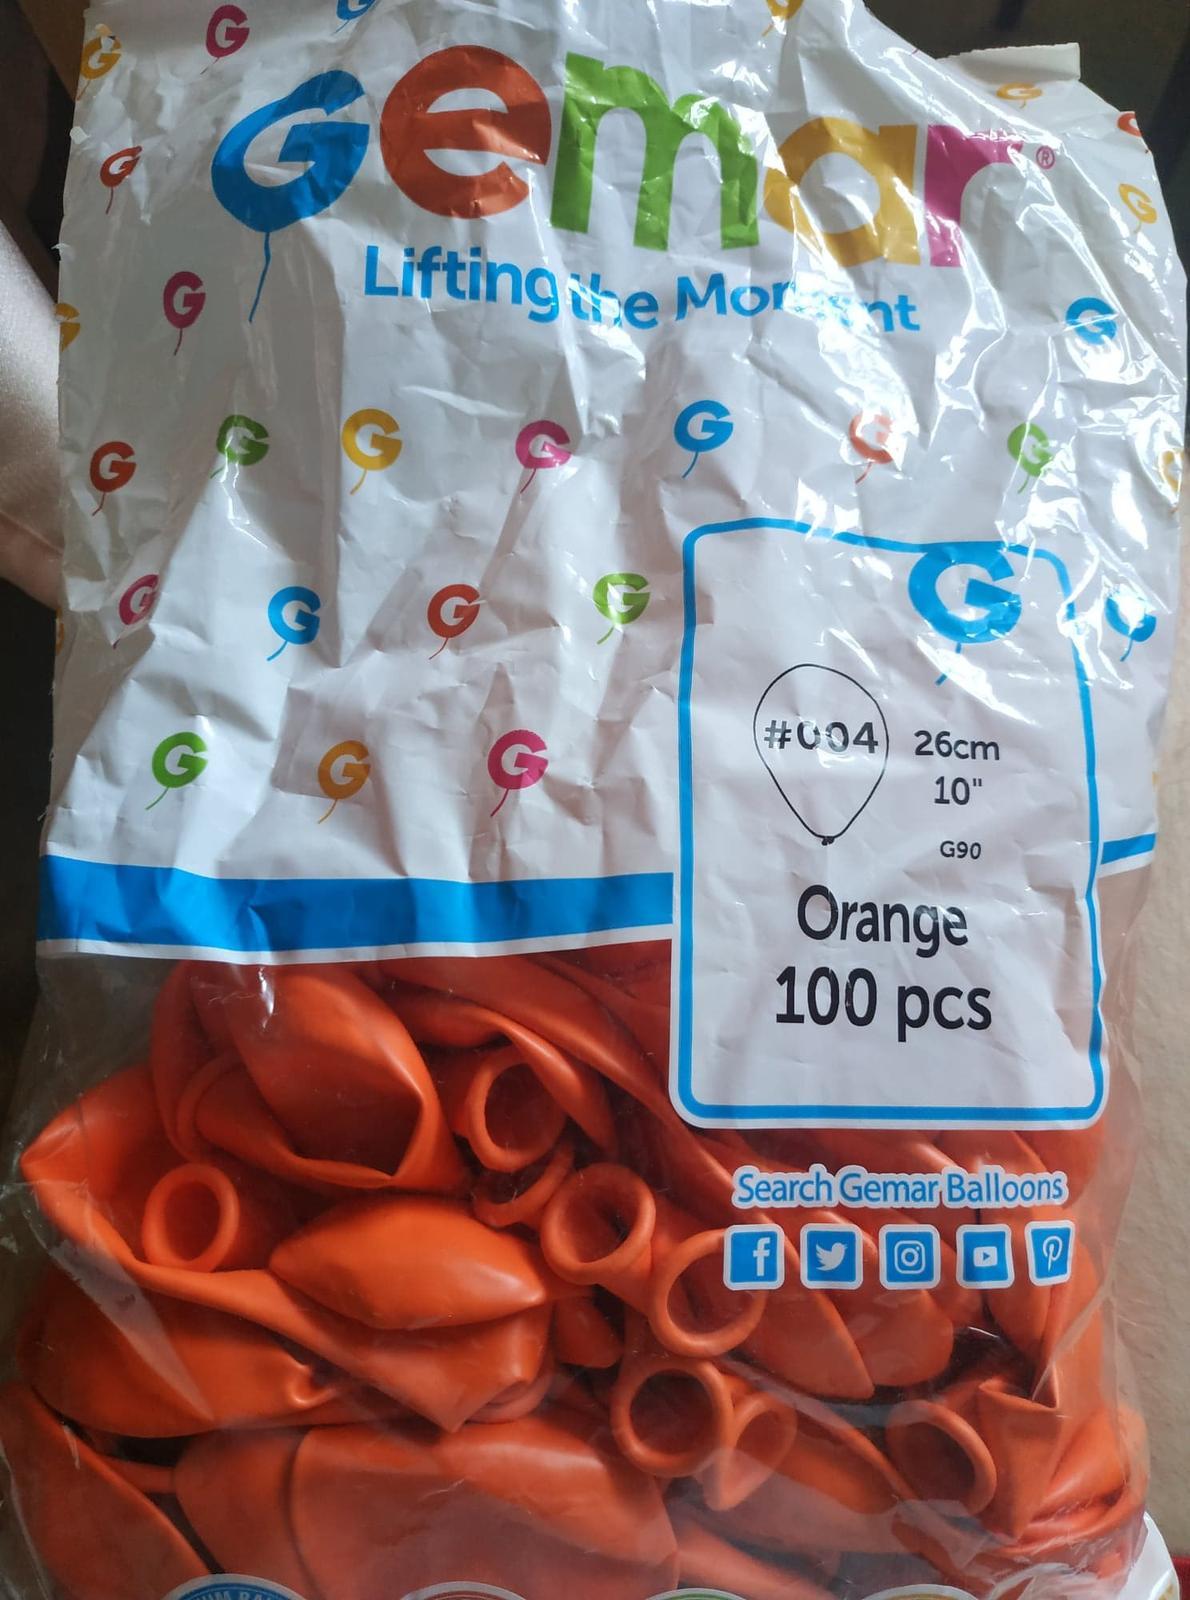 balonky oranžové - Obrázek č. 1